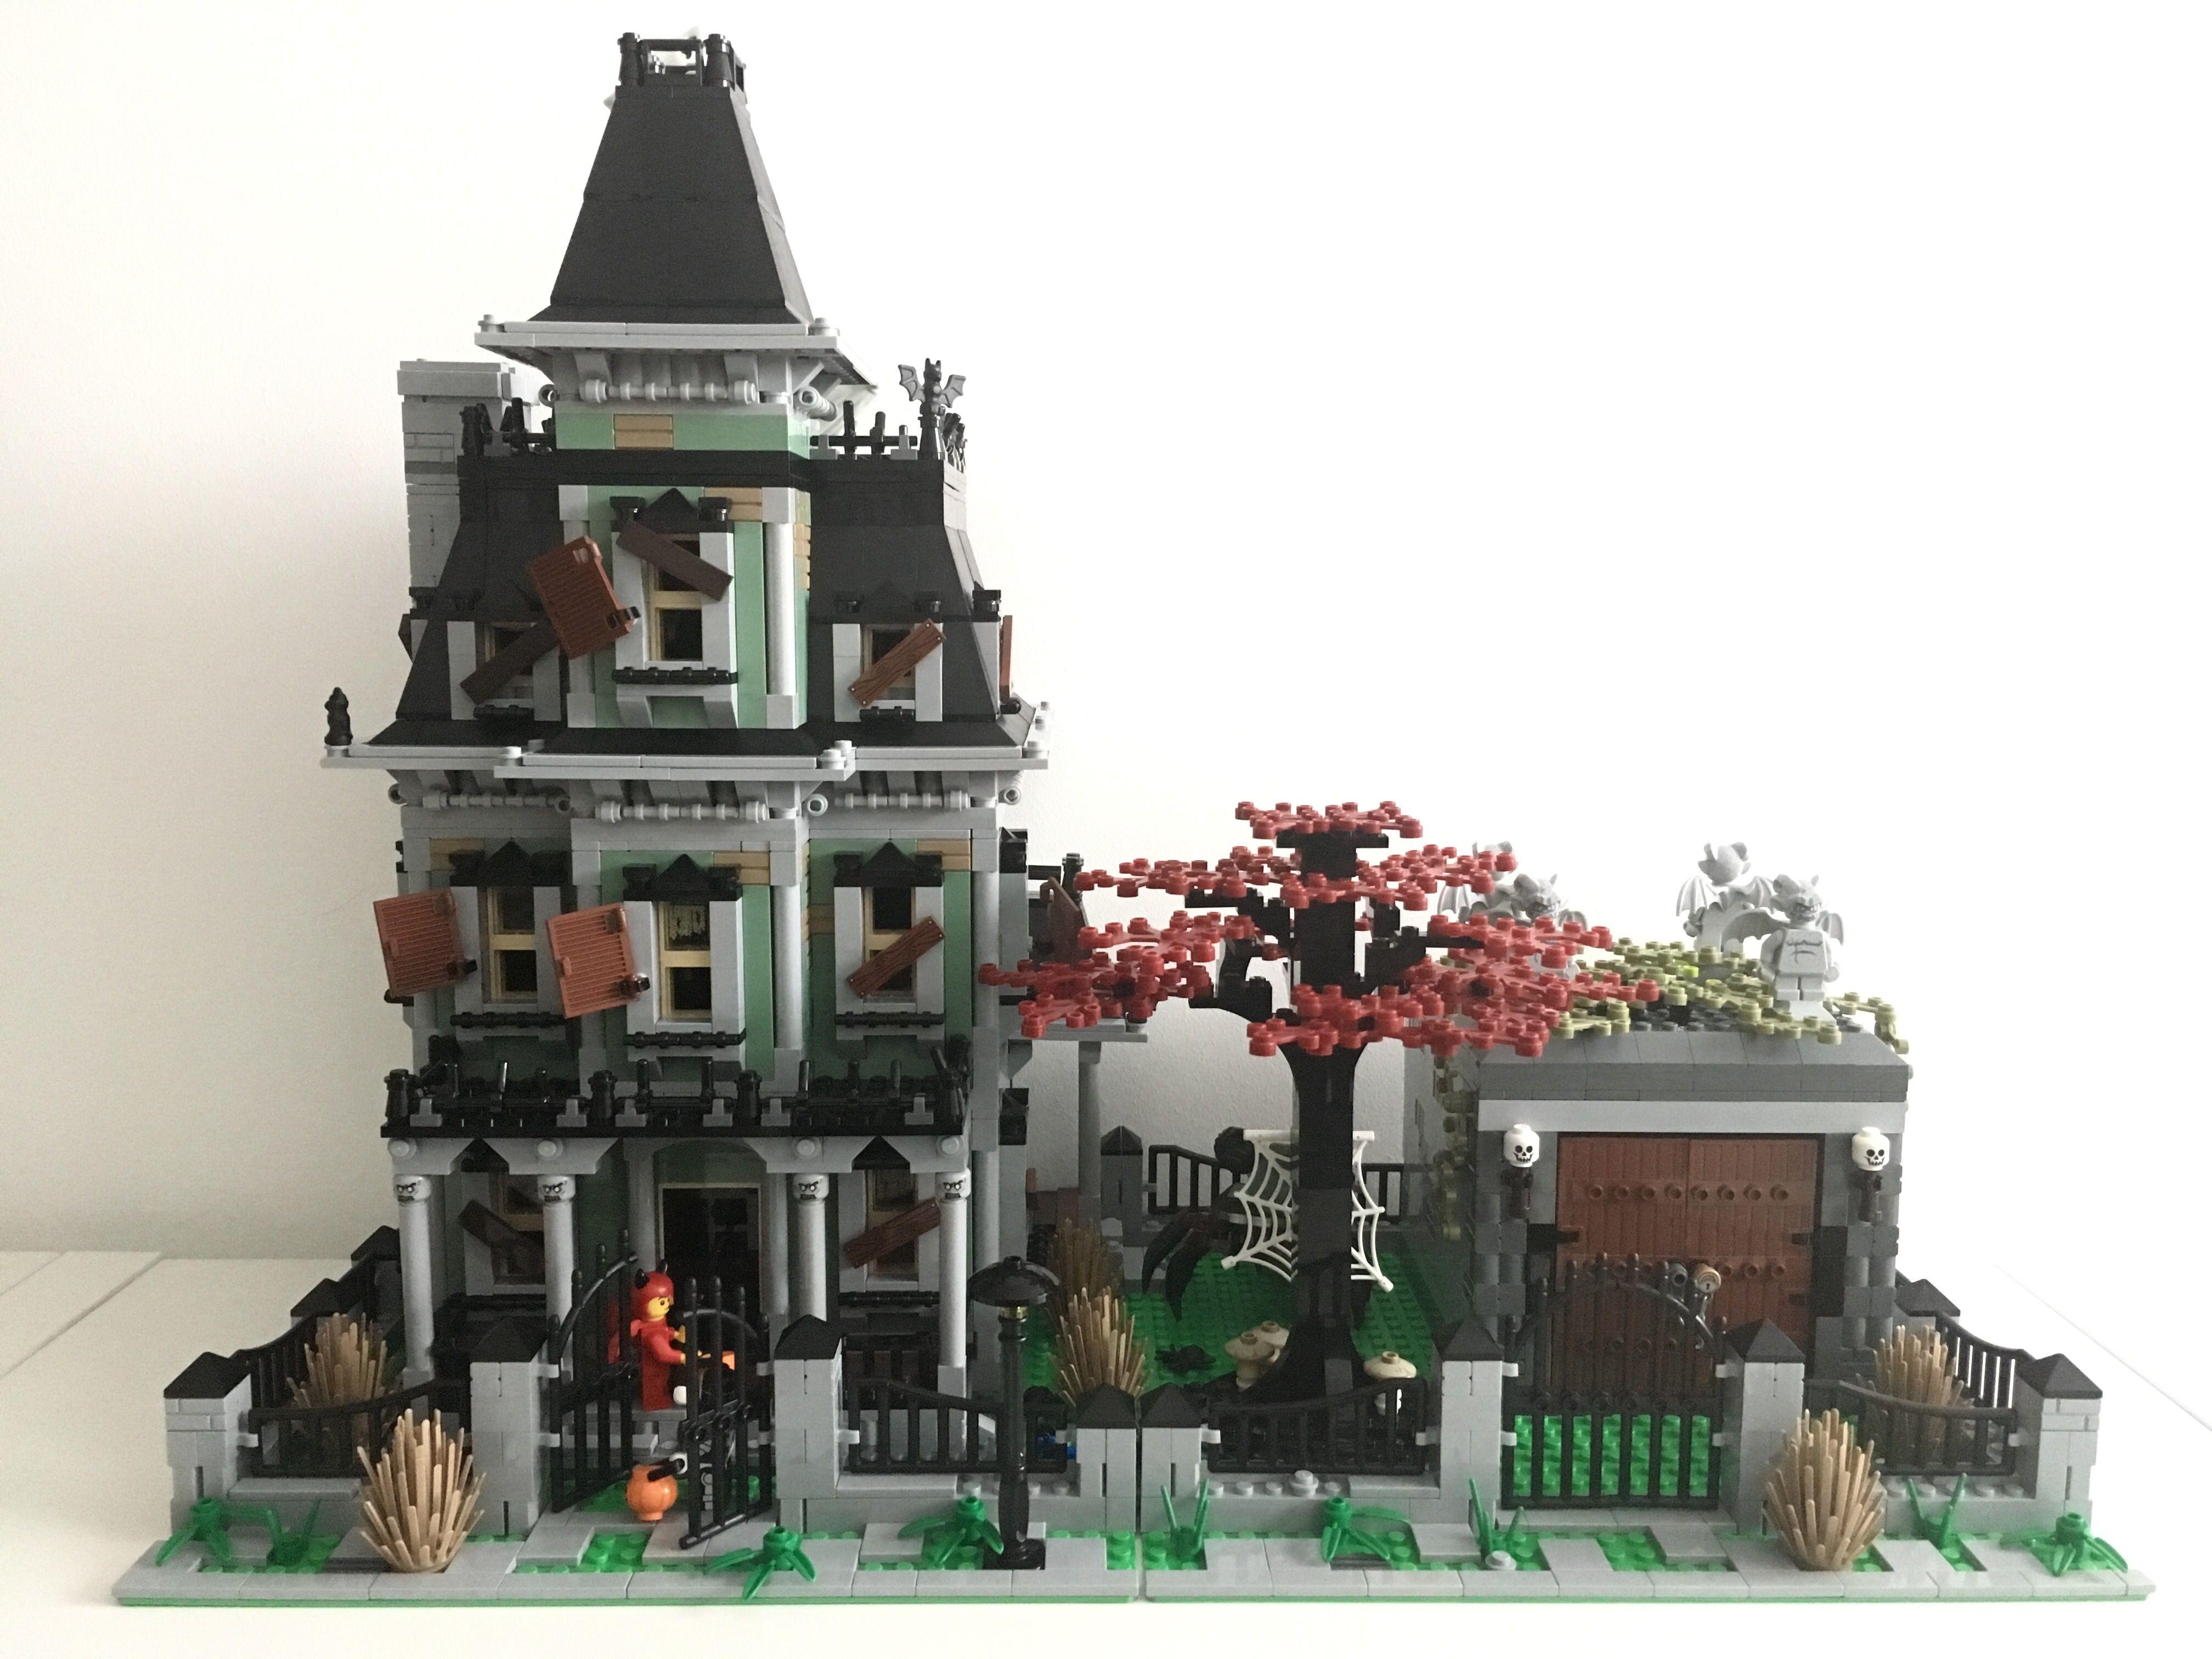 Haunted House Crypt Mod Imgur Lego Haunted House Lego House Big Lego